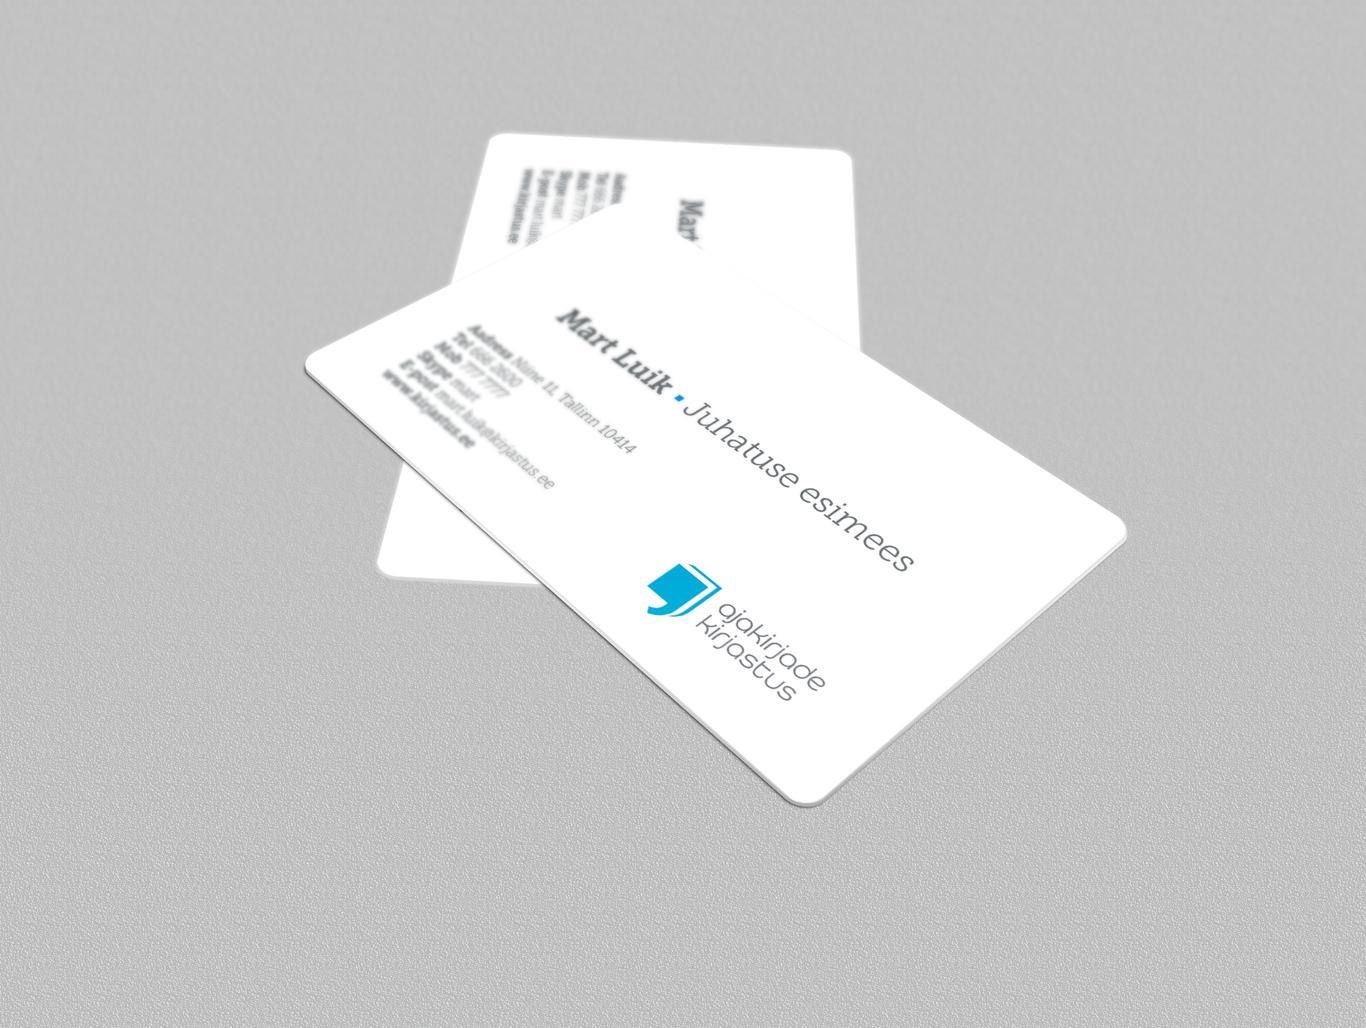 ajakirjadekirjastus-BusinessCardMockup2